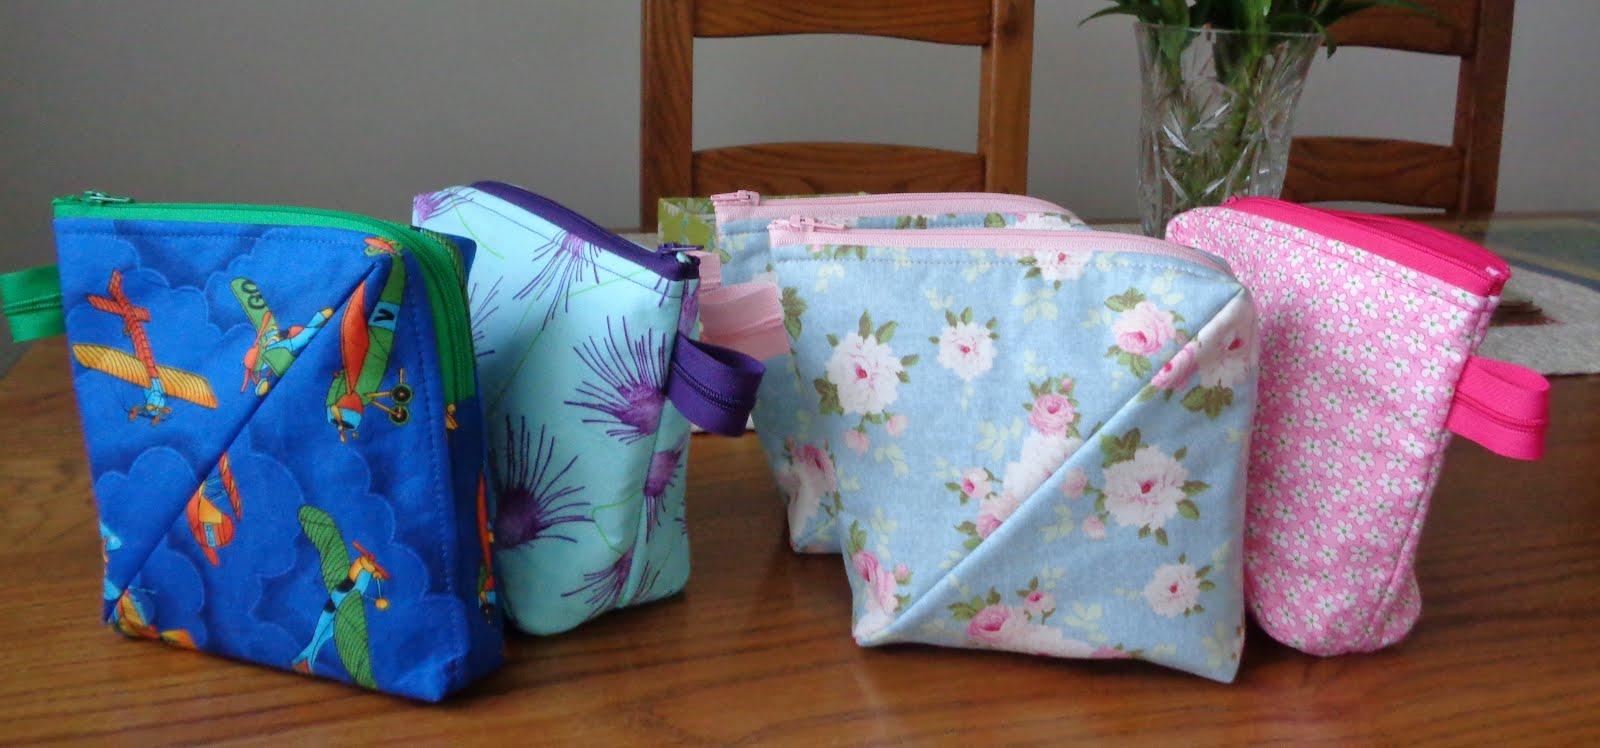 Bendy Bags... This week